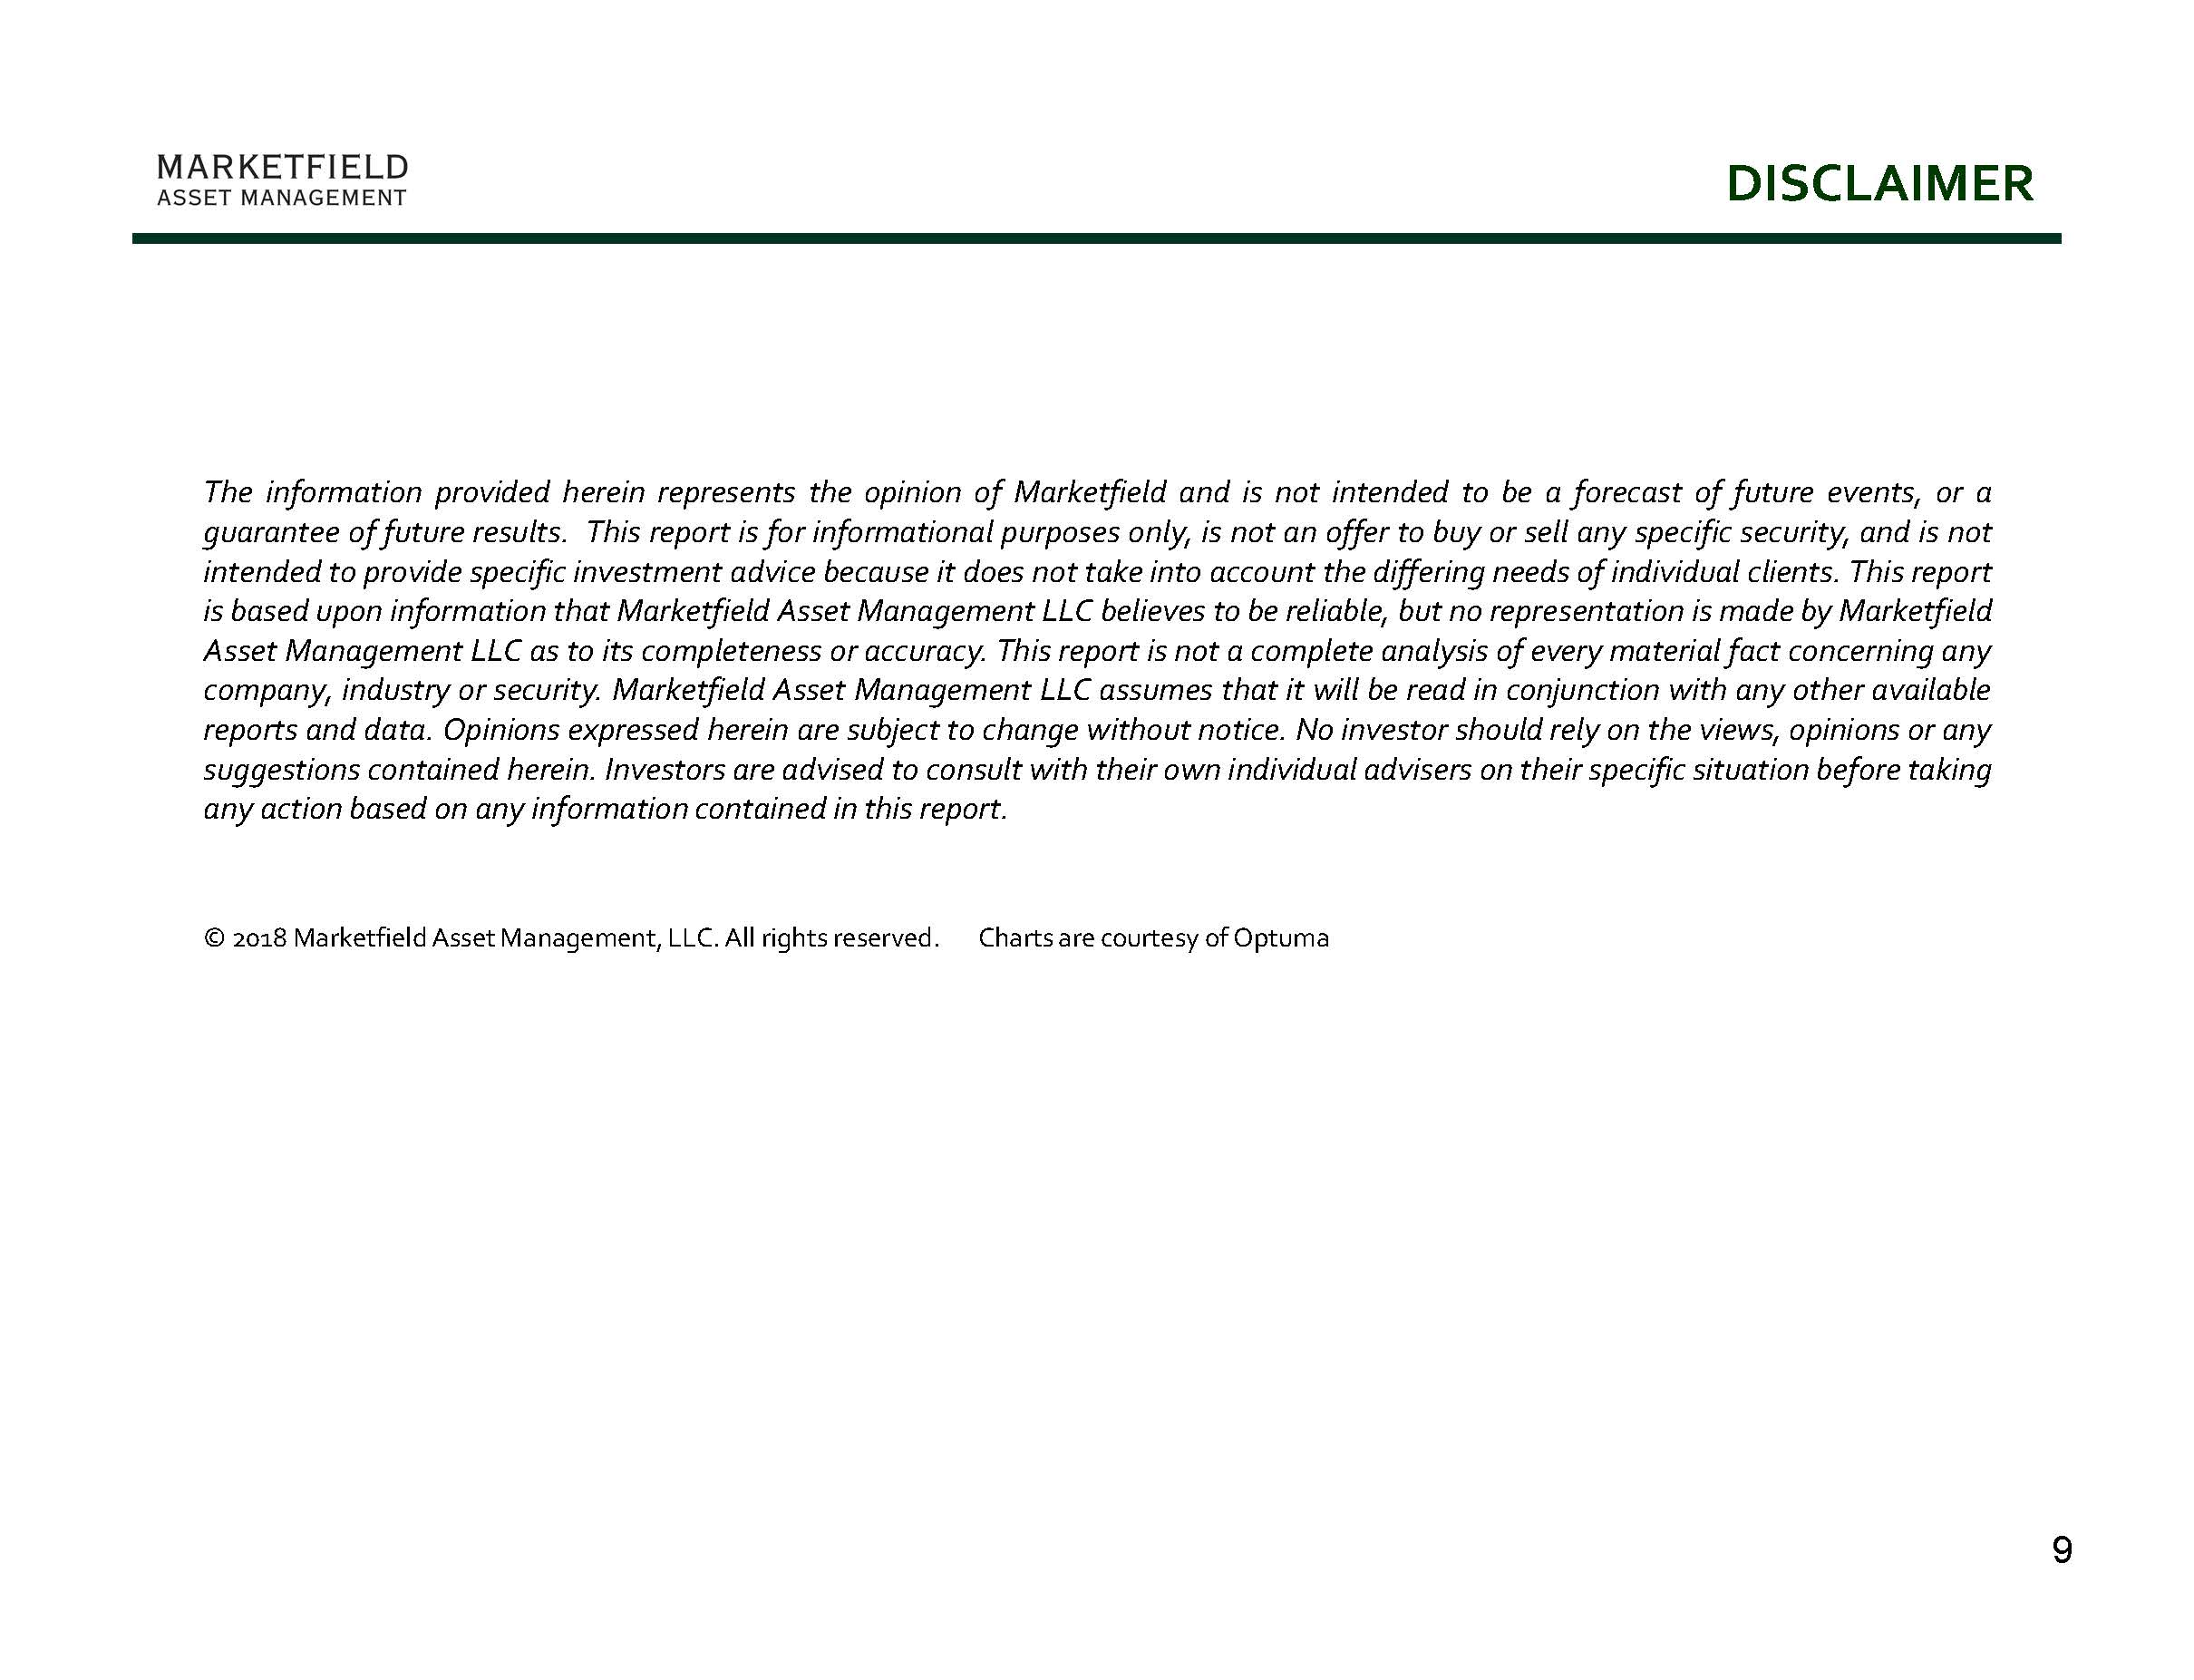 11-12-18_DM ETF_Page_9.jpg